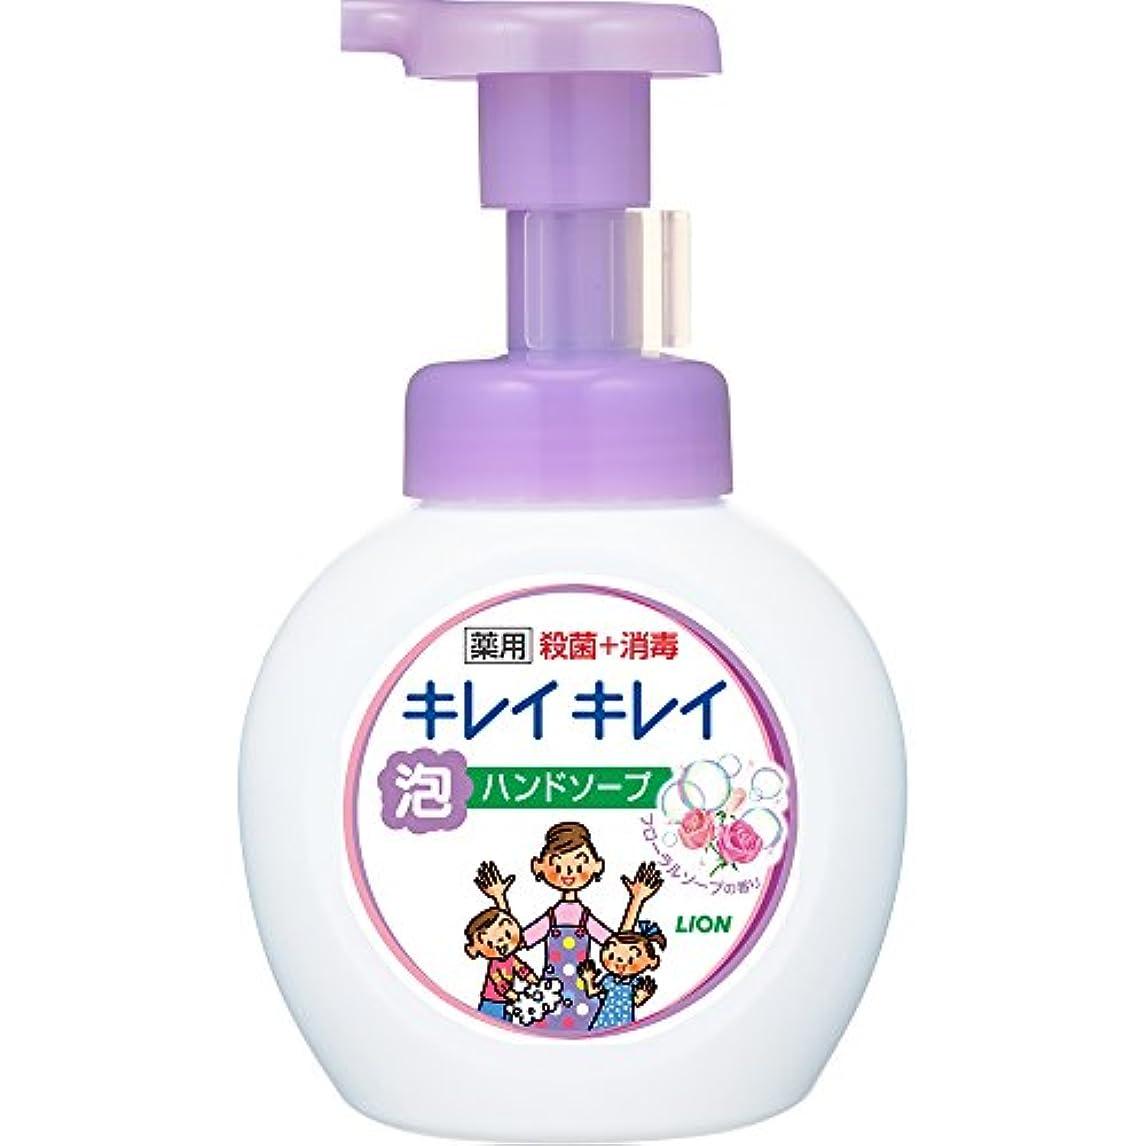 四面体受け継ぐドメインキレイキレイ 薬用泡ハンドソープ フローラルソープの香り 本体ポンプ 250mL